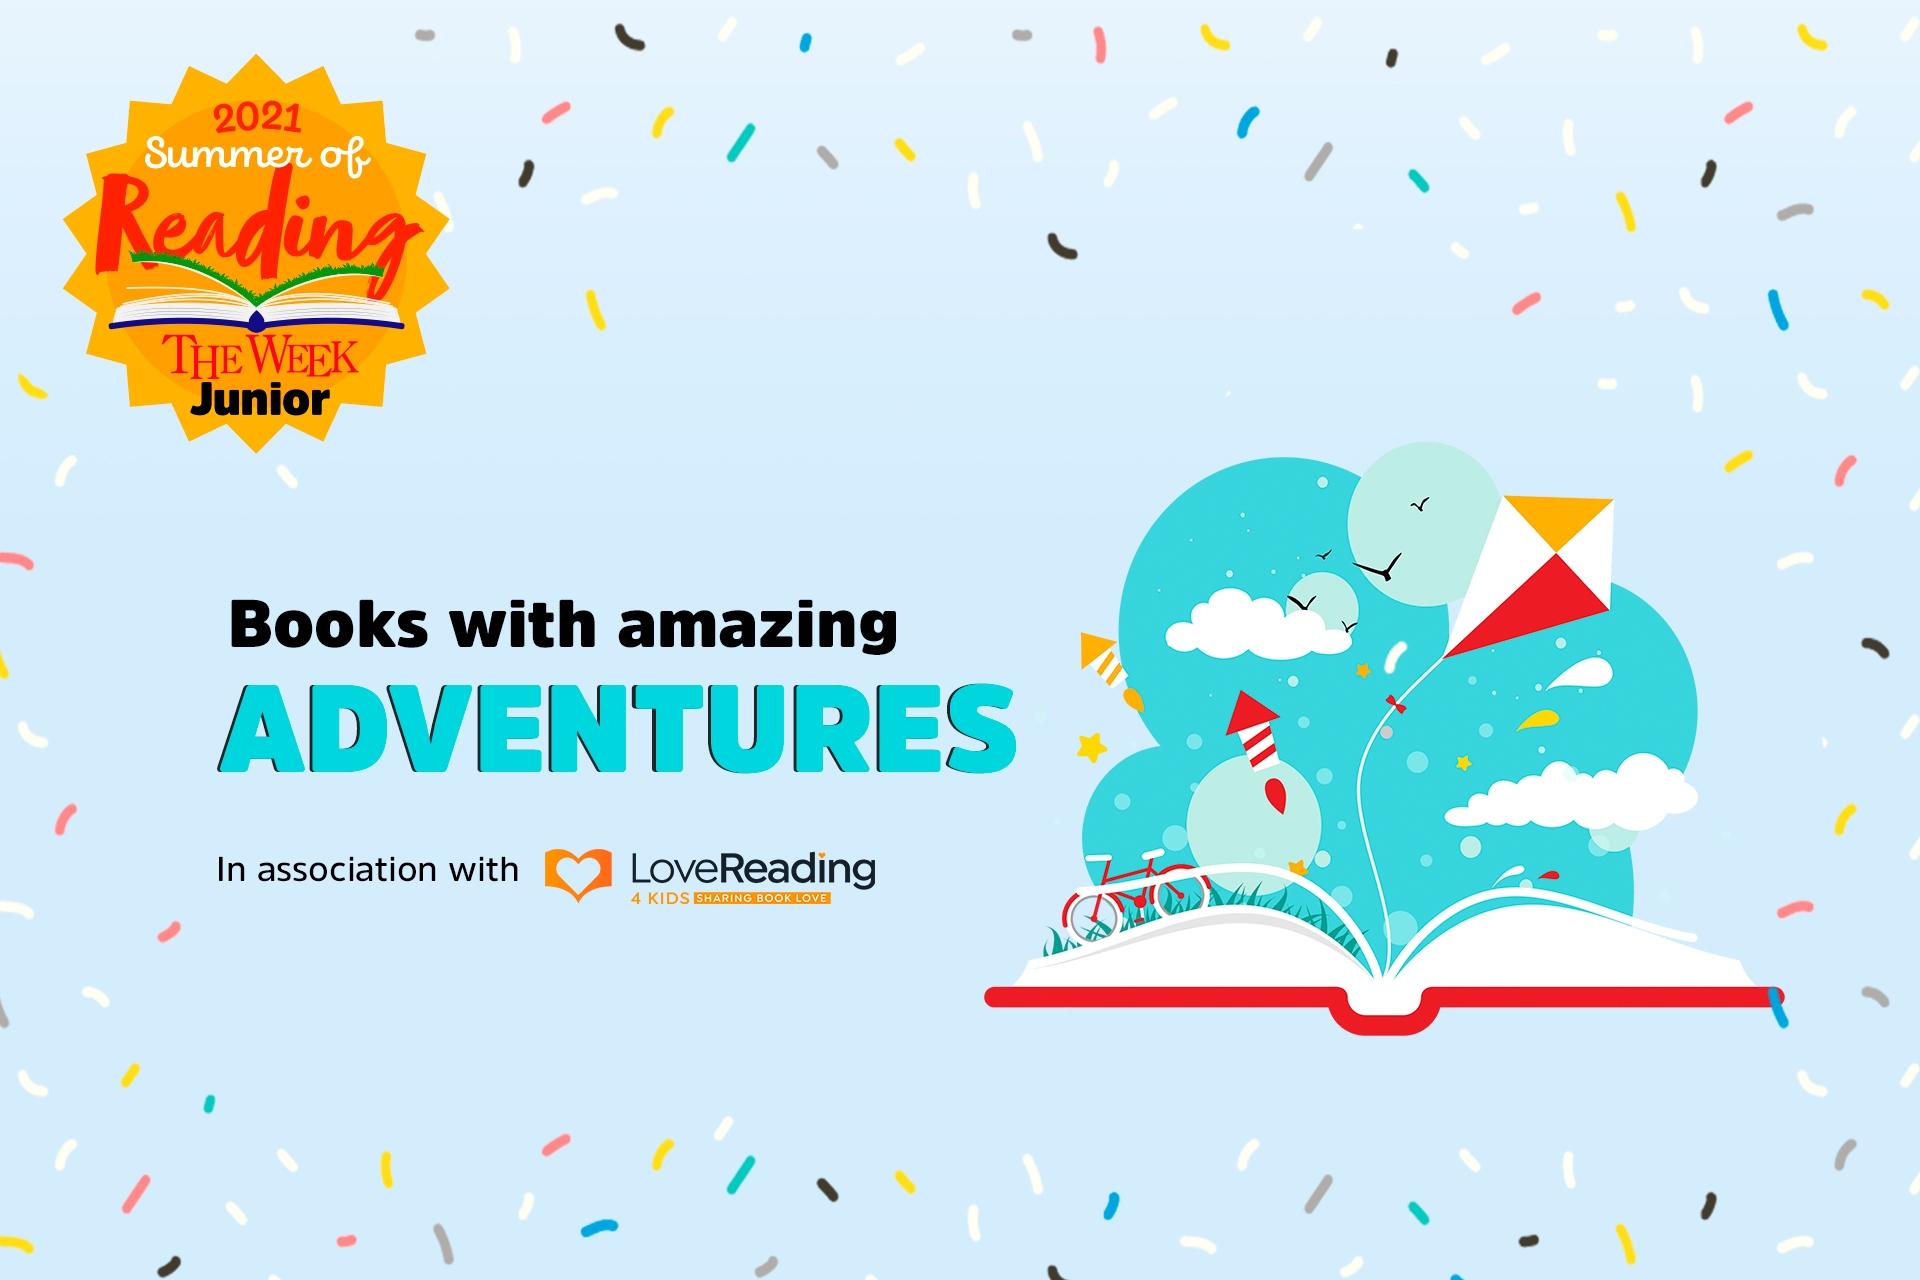 Books with amazing adventures